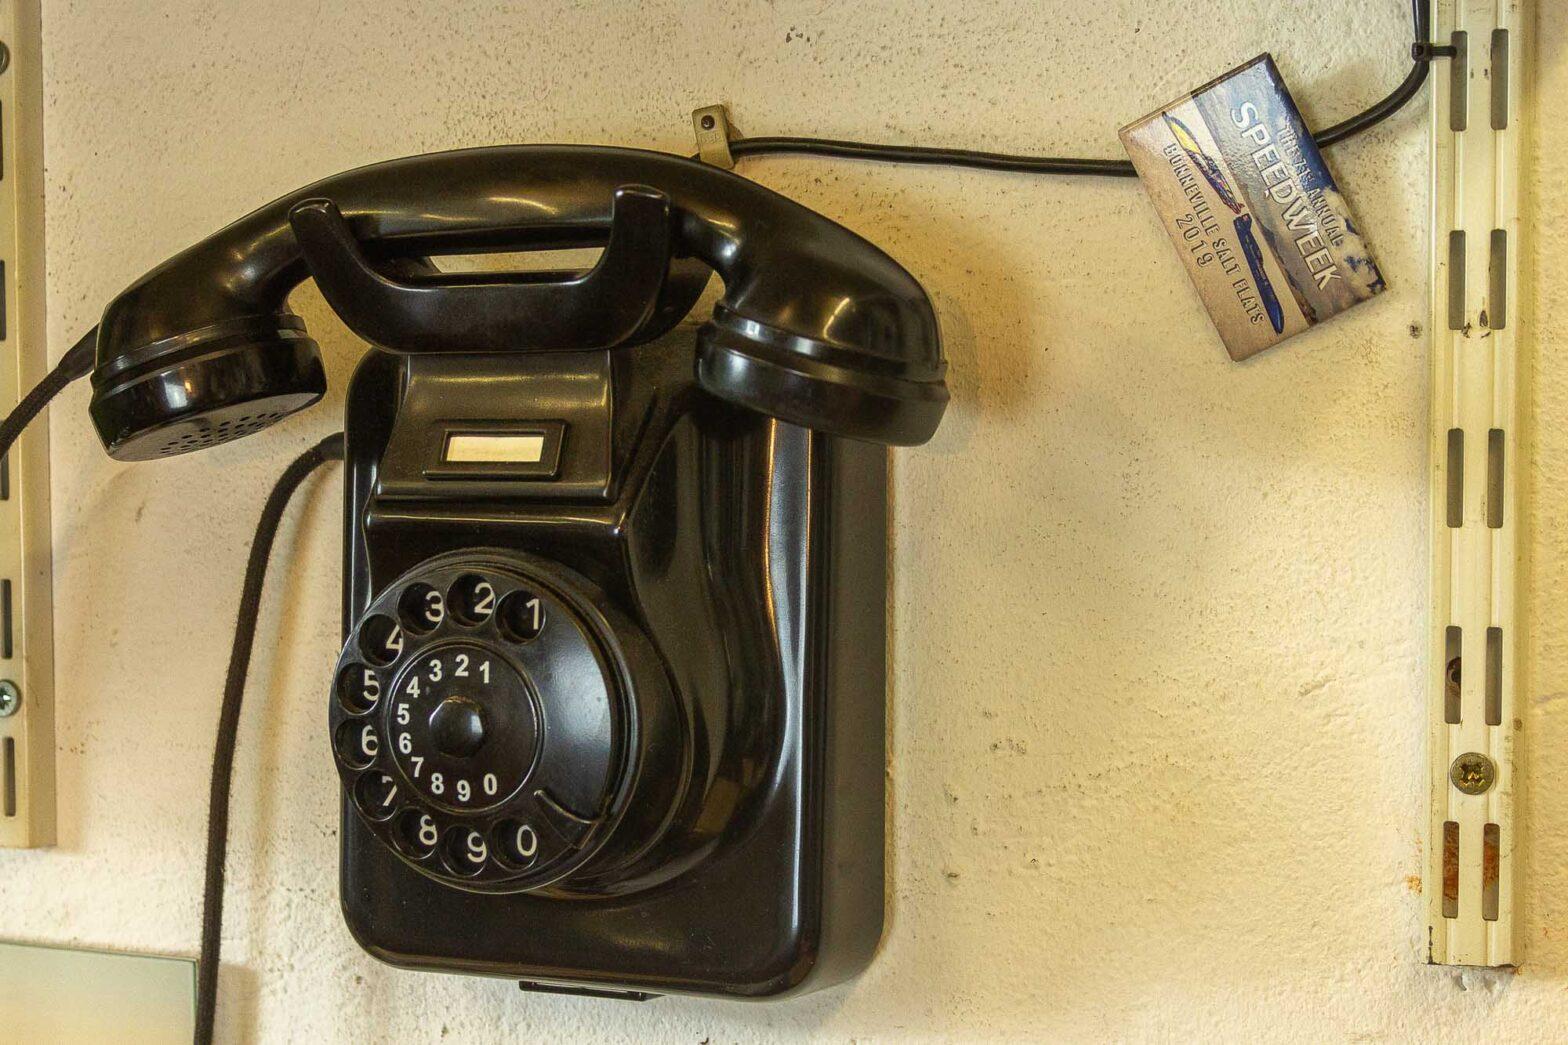 Kontakt Rainer Zumach Bakelit-Telefon an der Wand